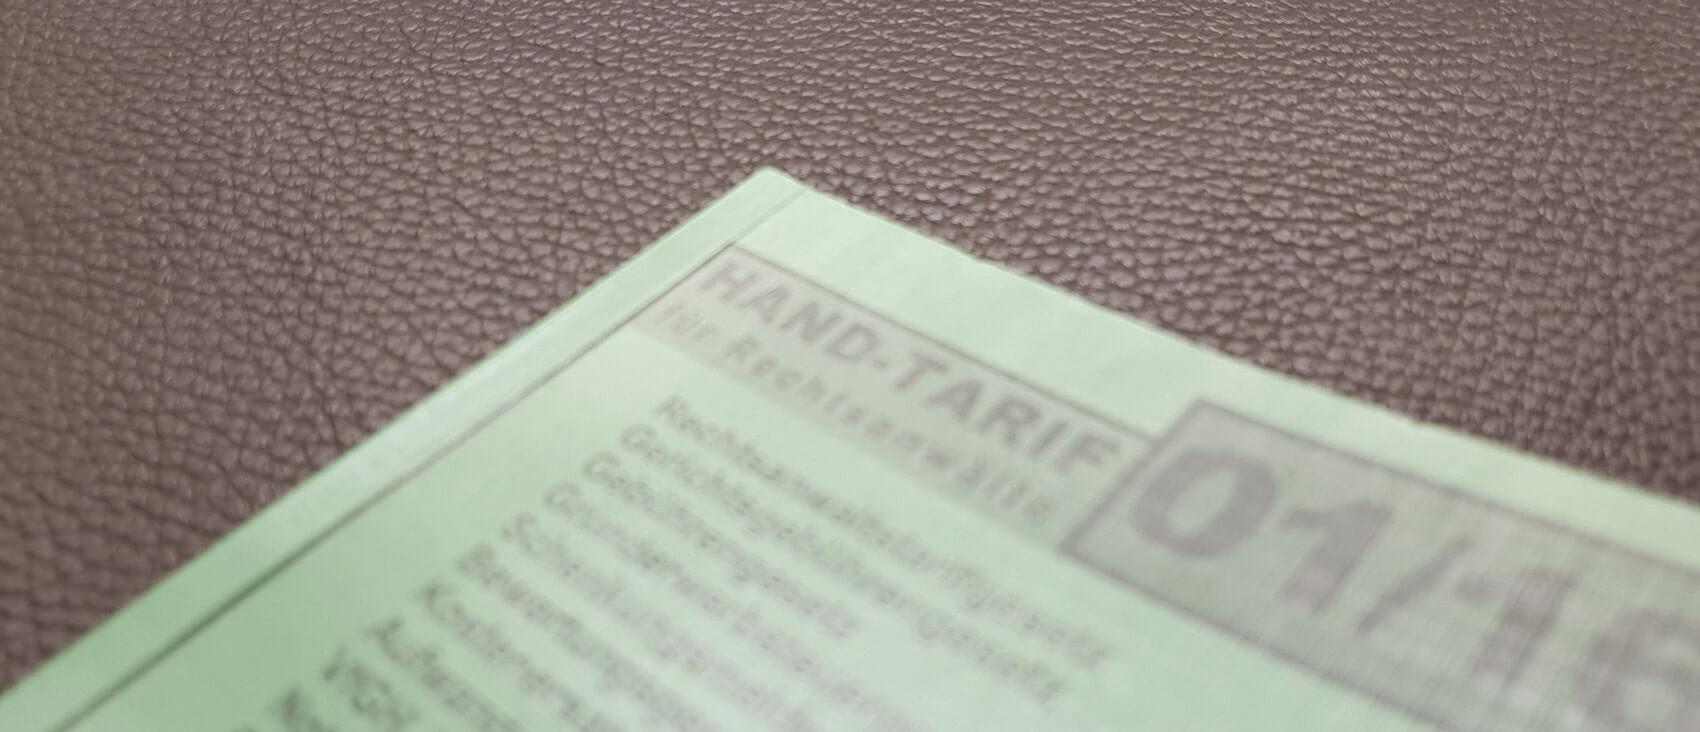 Der Ausschnitt eines Hand-Tarifs für Rechtsanwälte als Symbol für den auf dieser Seite verfügbaren Prozesskostenrechner.